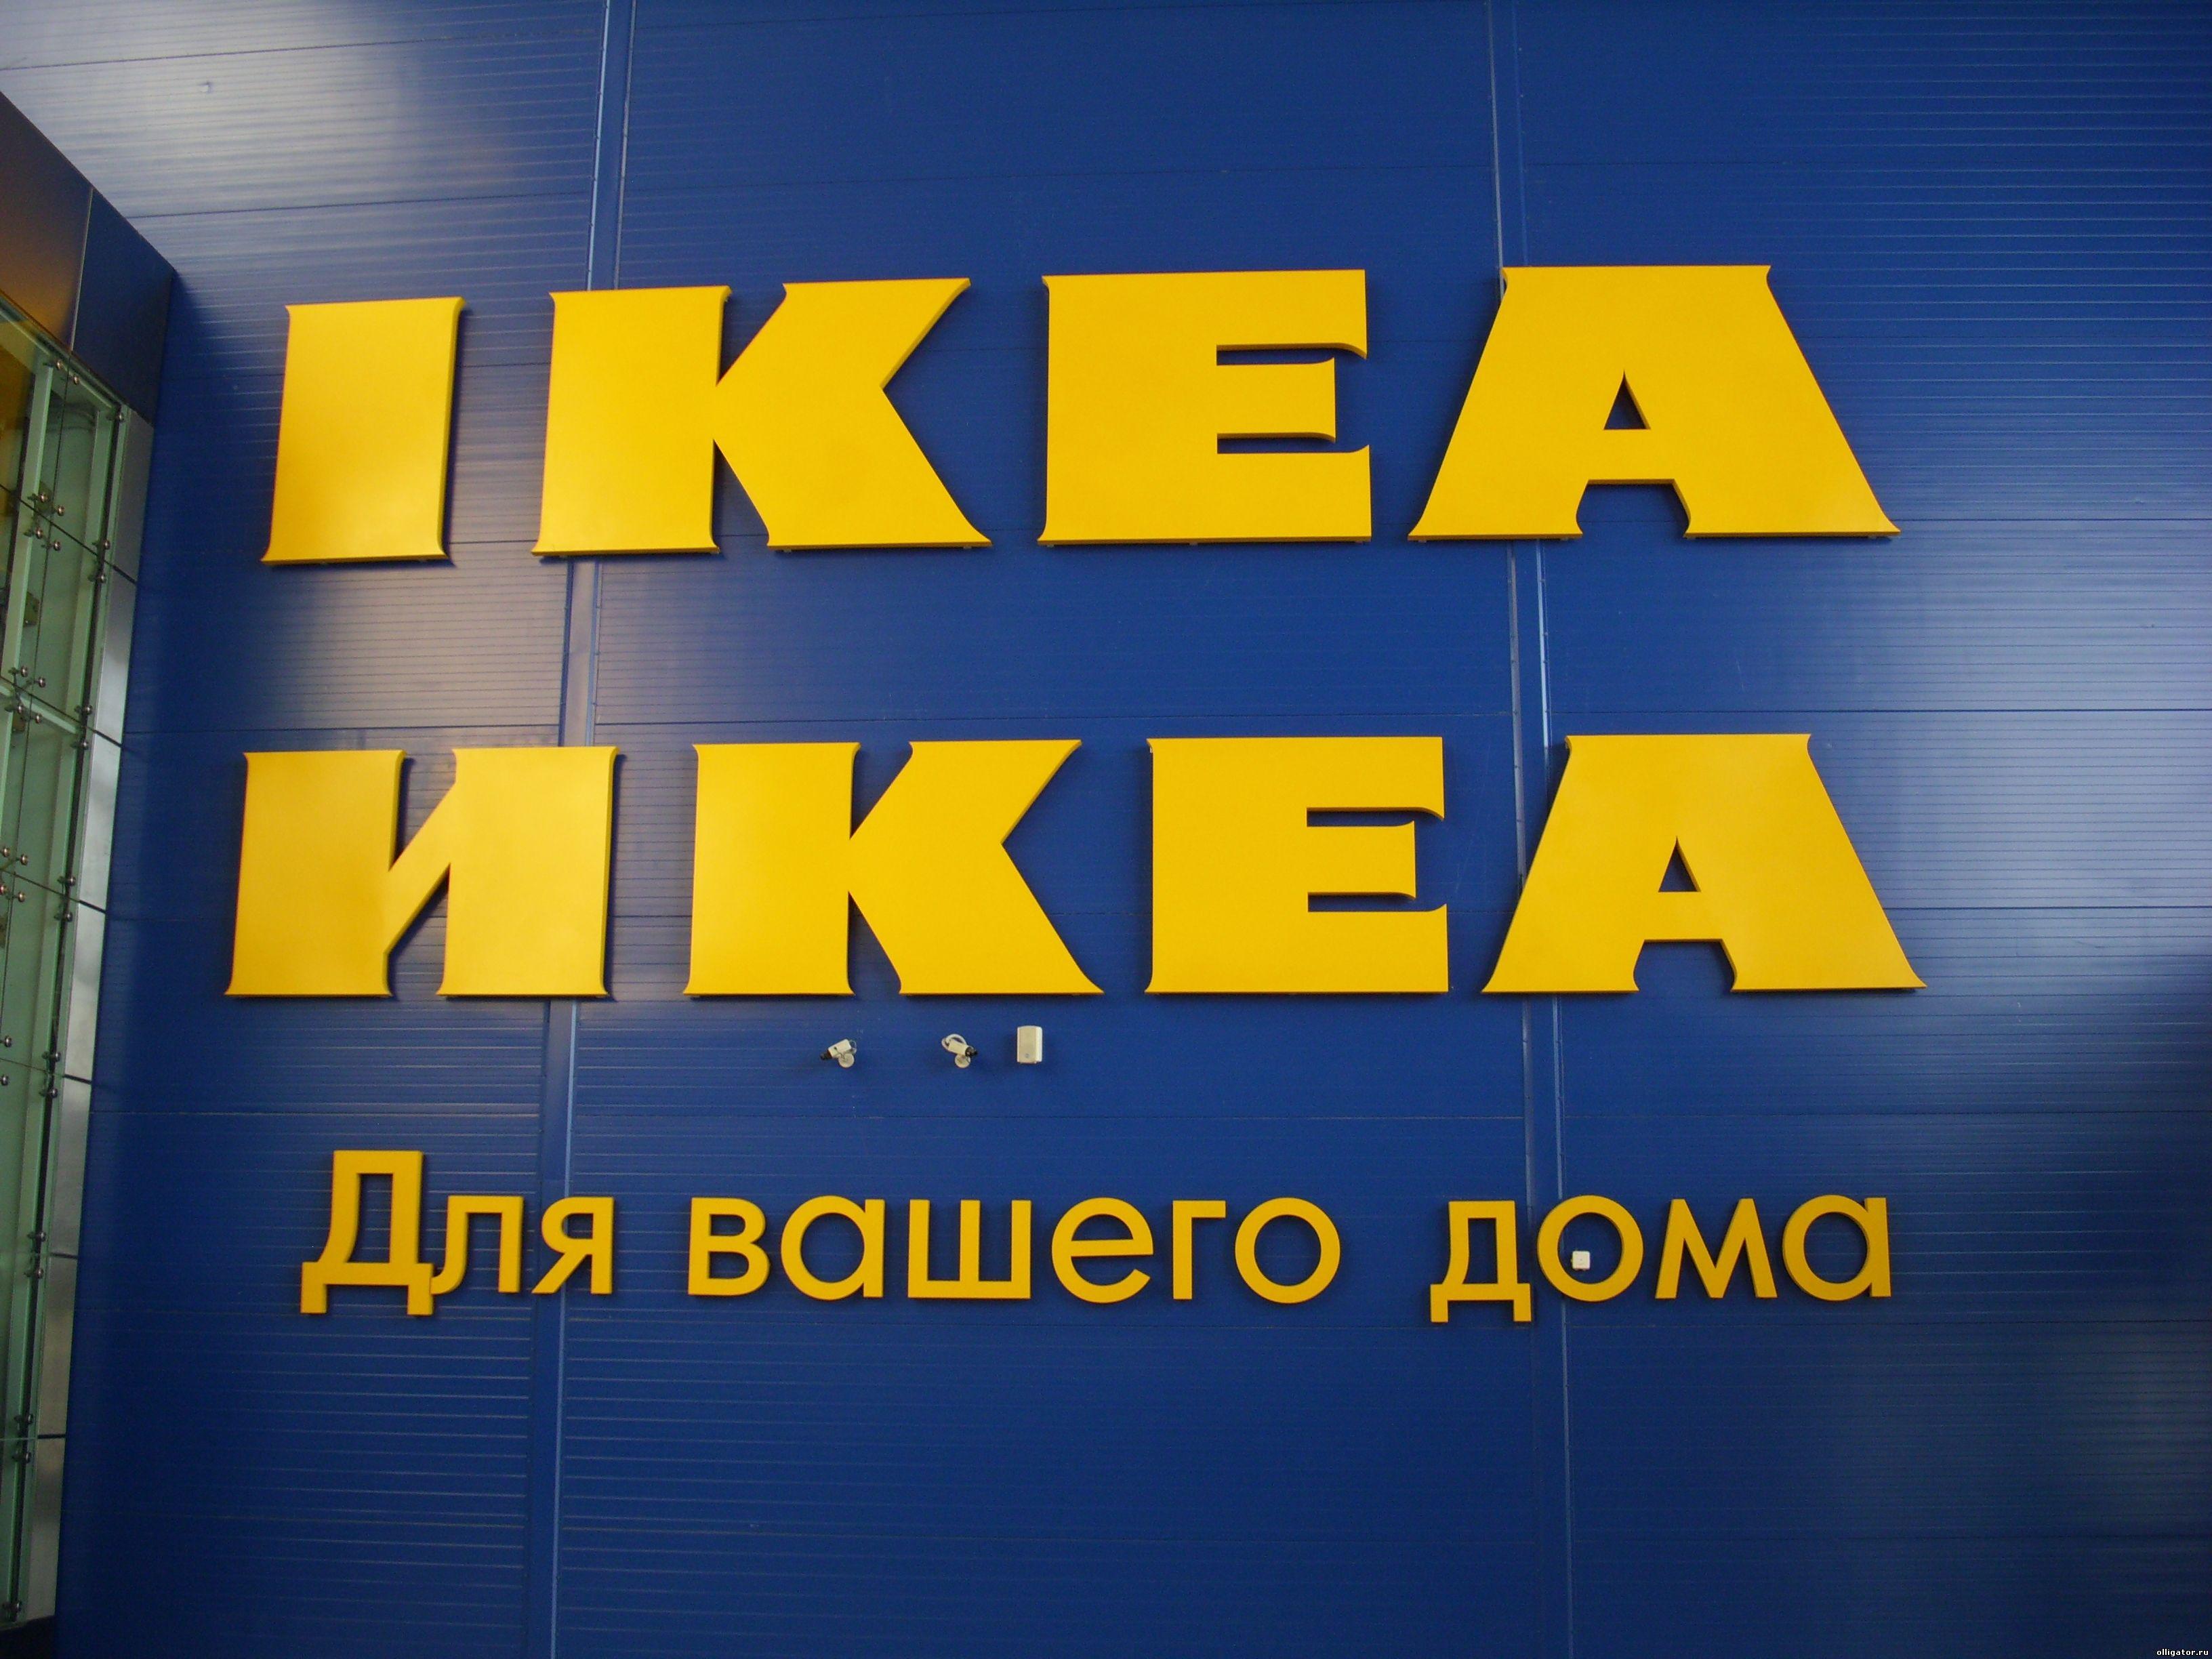 в петербурге и ленобласти запускается интернет магазин Ikea